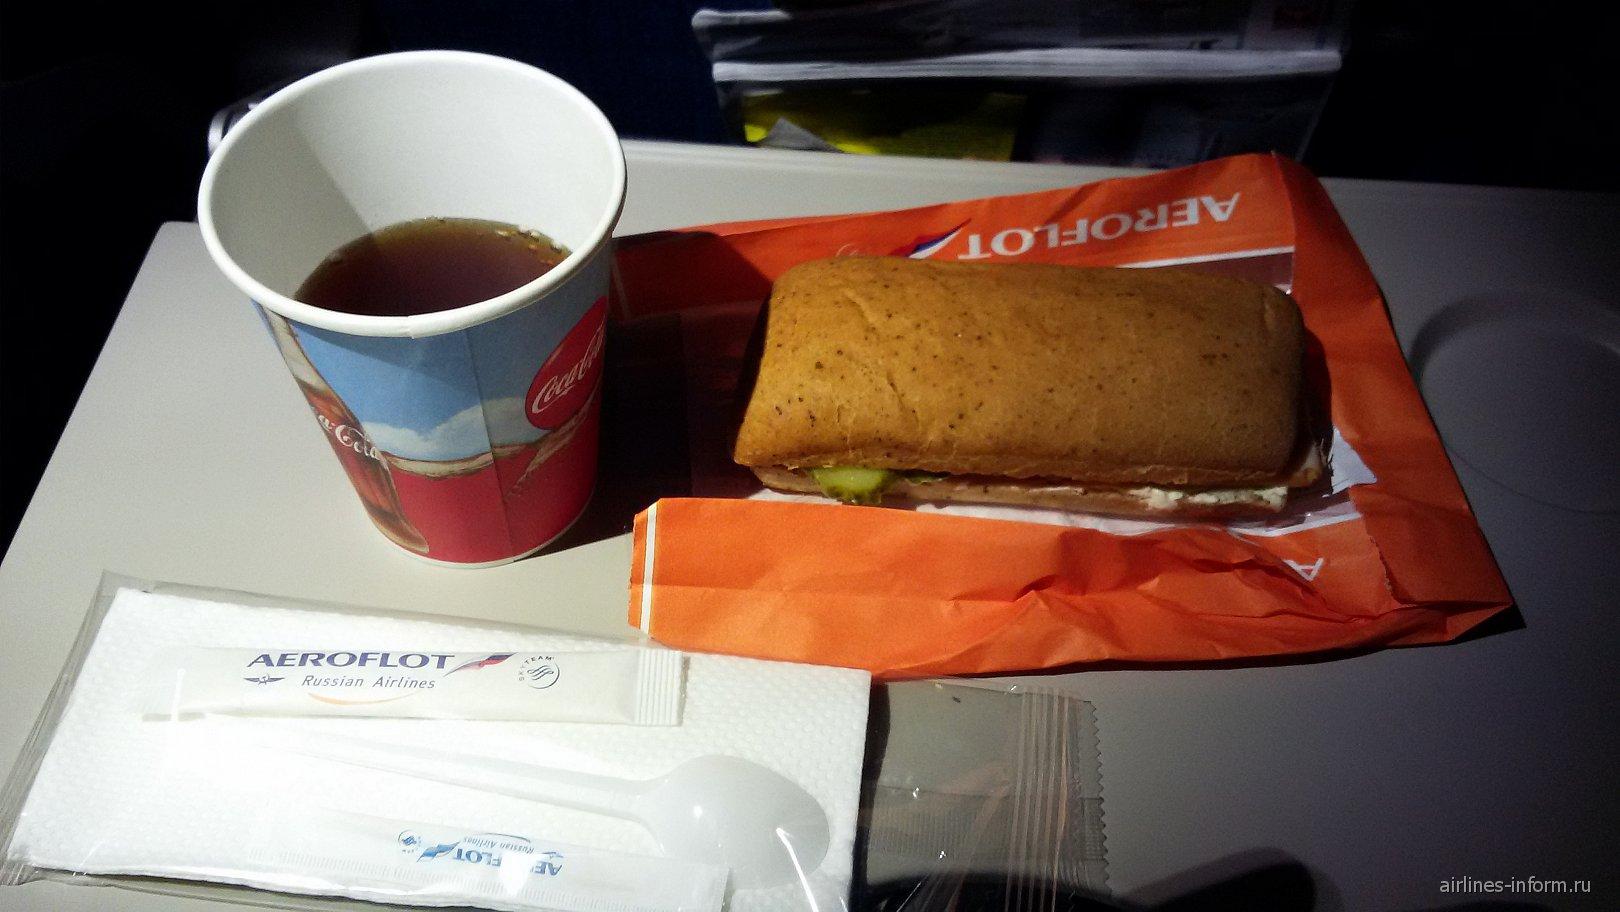 Сэндвич на рейсе Аэрофлота Архангельск-Москва